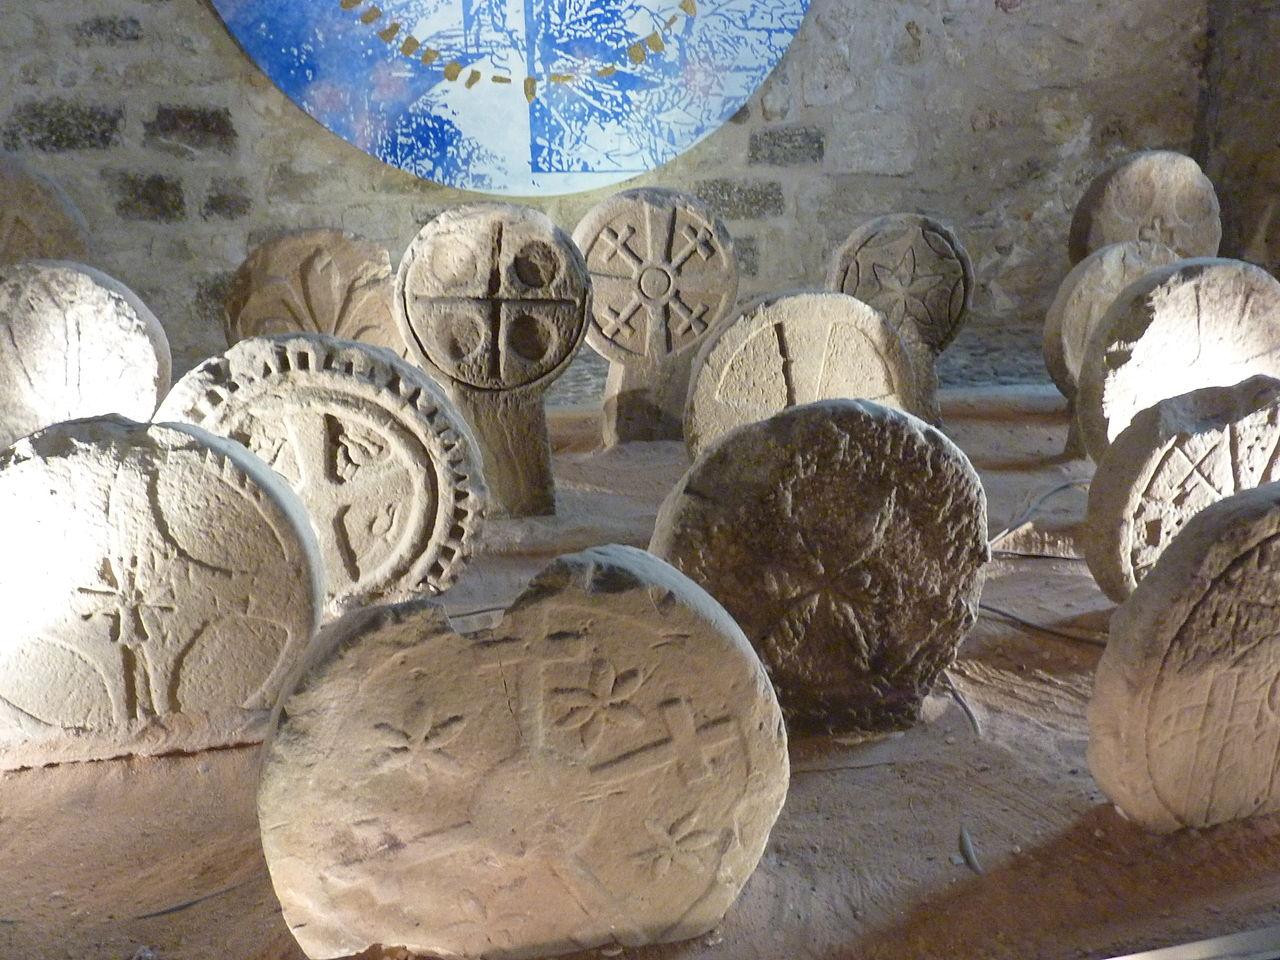 Musée de Lodève Stèles discoïdales d'Usclas du Bosc